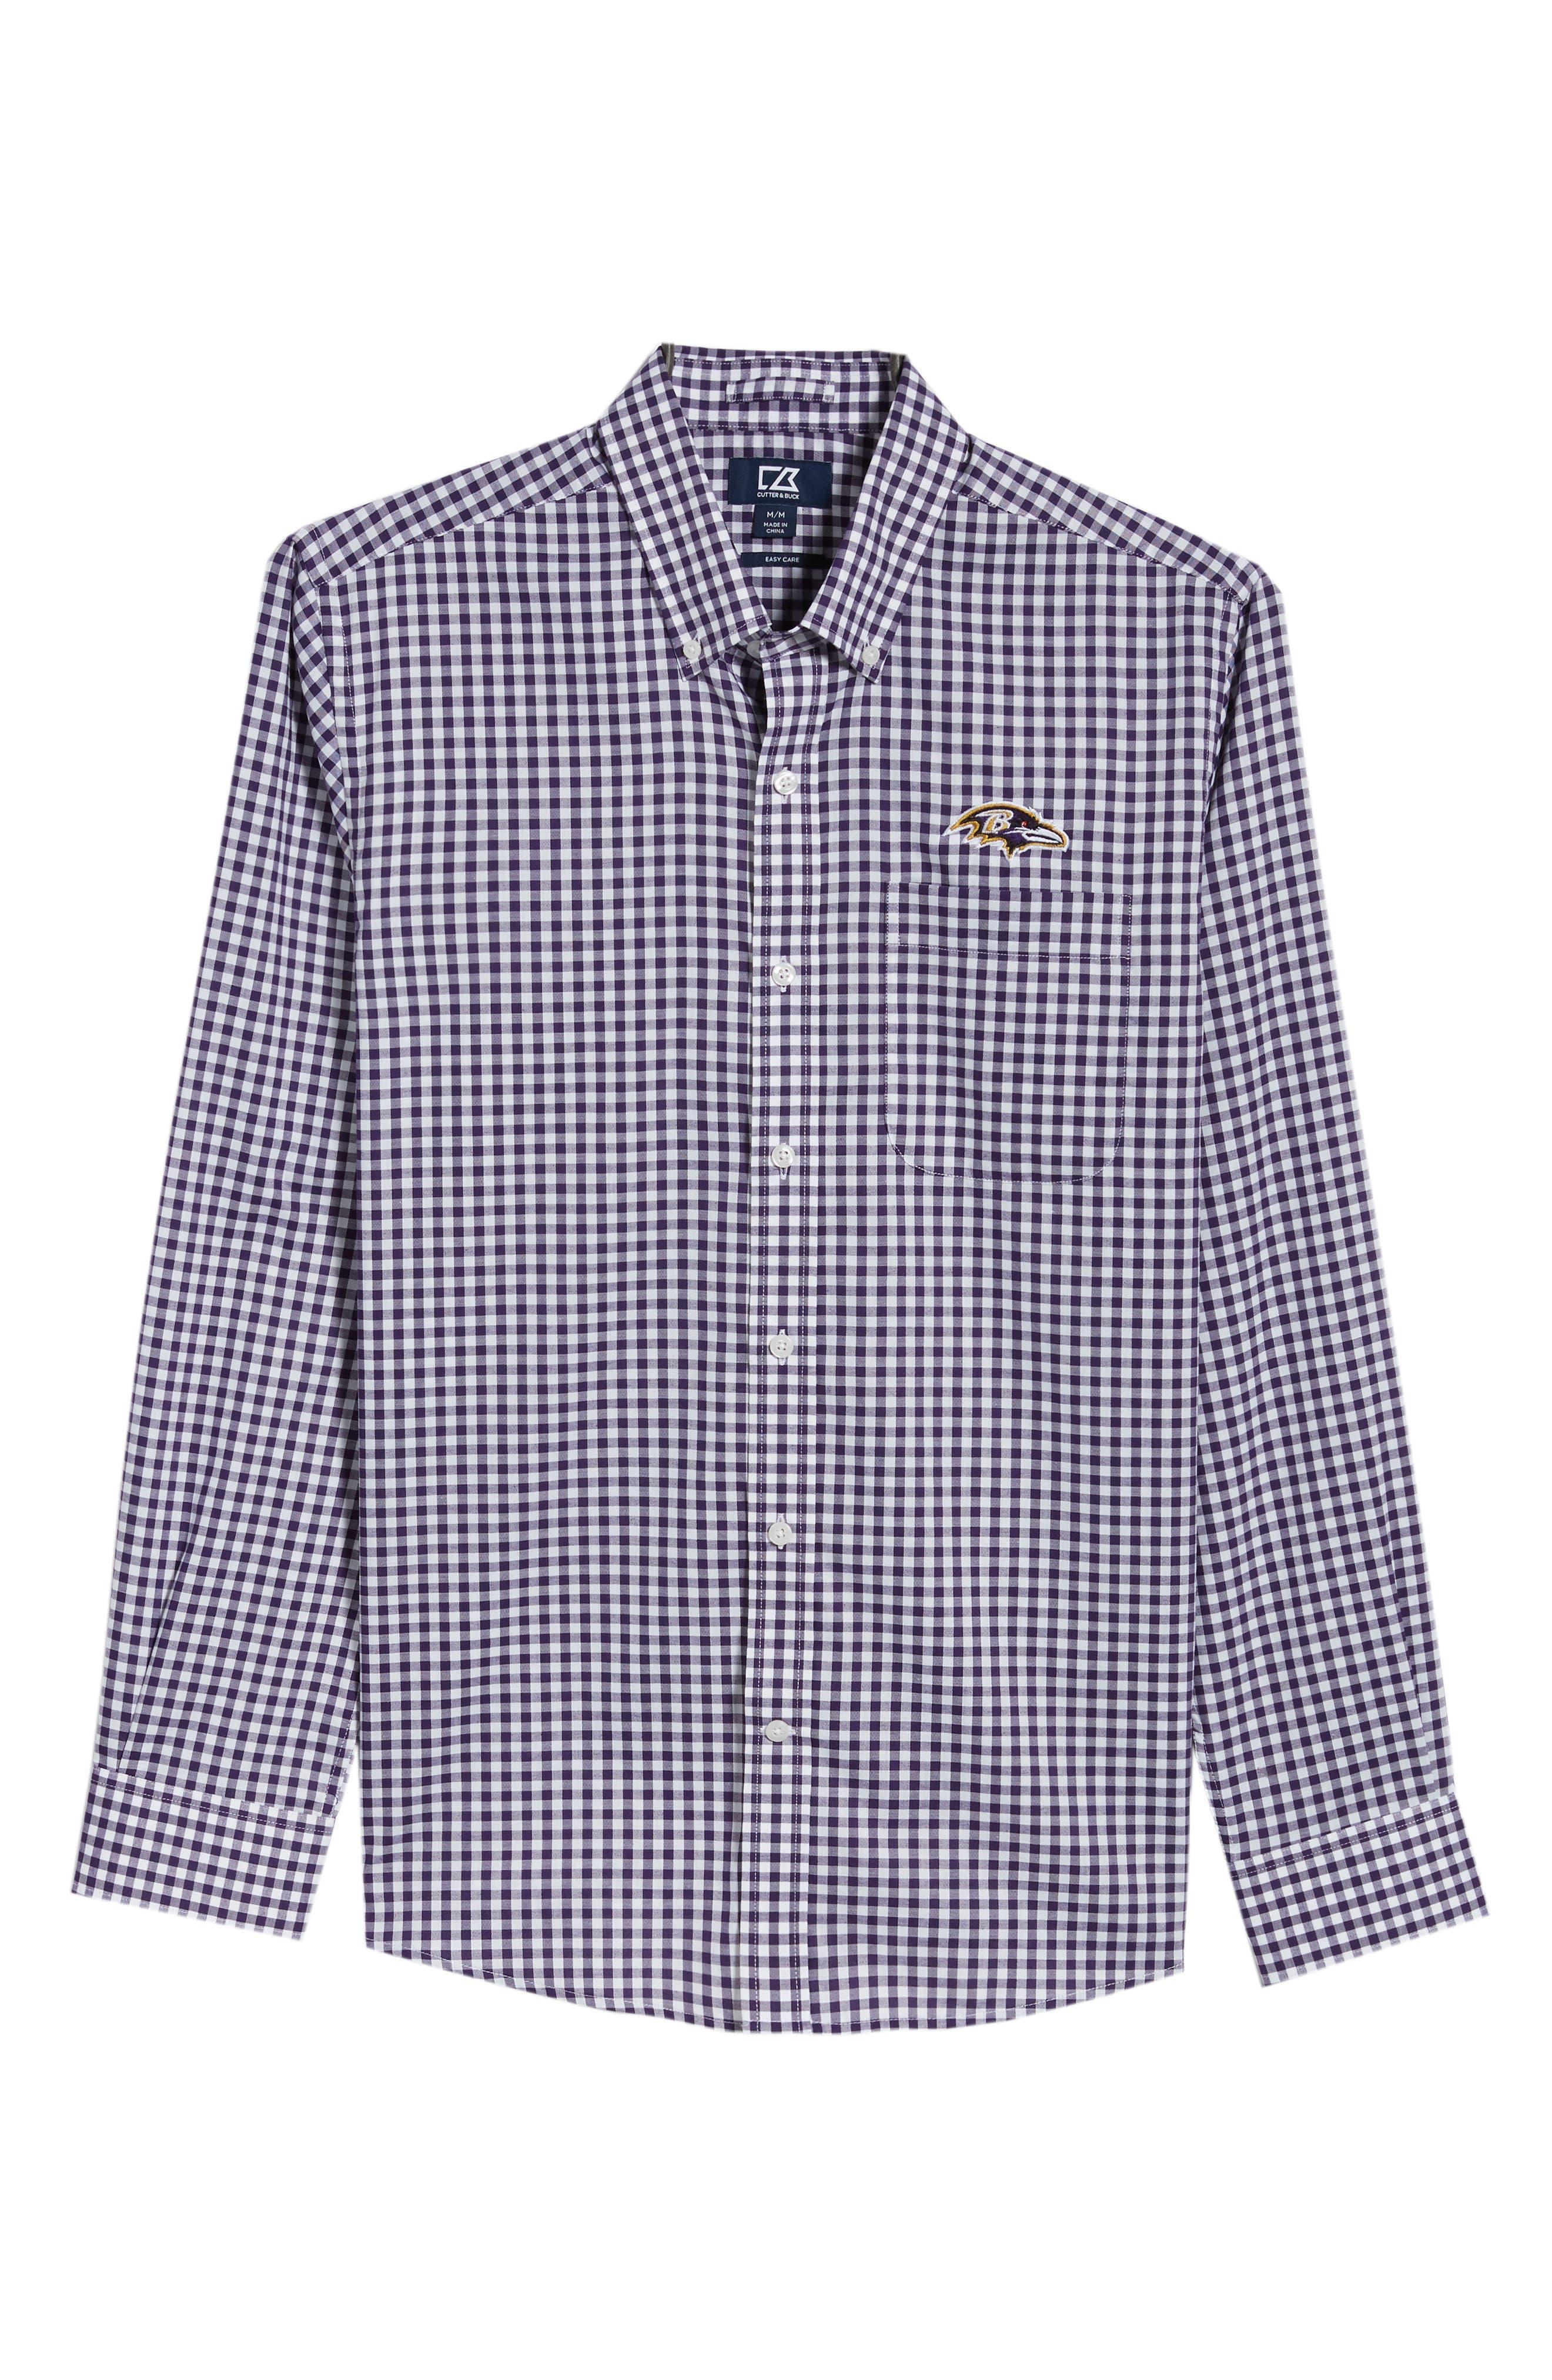 League Baltimore Ravens Regular Fit Shirt,                             Alternate thumbnail 6, color,                             COLLEGE PURPLE